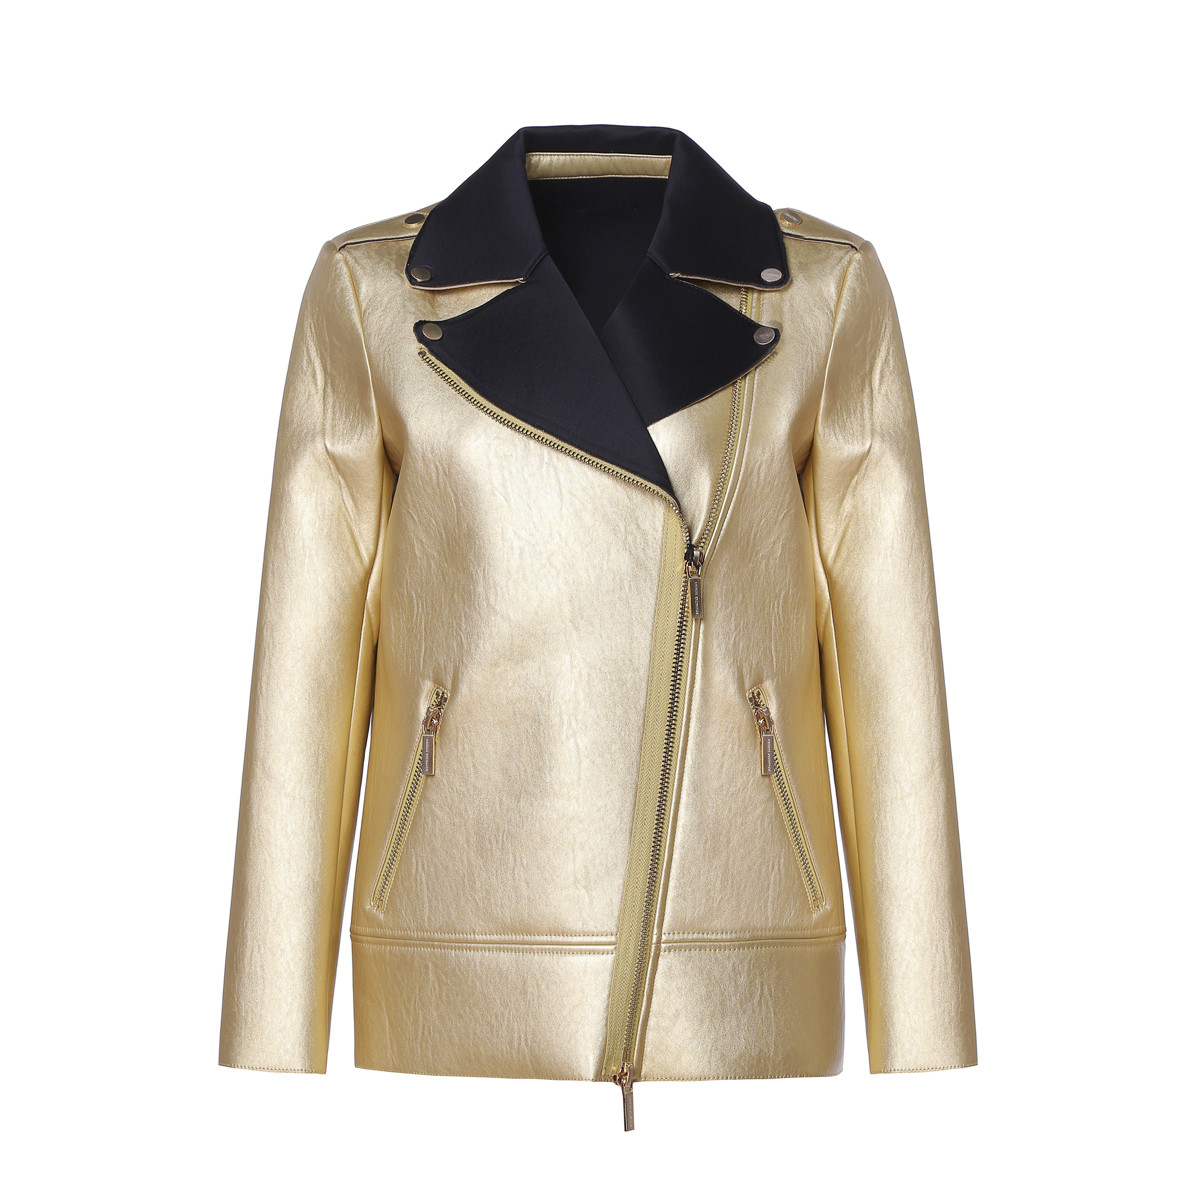 ARMANI EXCHANGE女款时尚潮流长袖外套6ZYB53YNFTZ1642